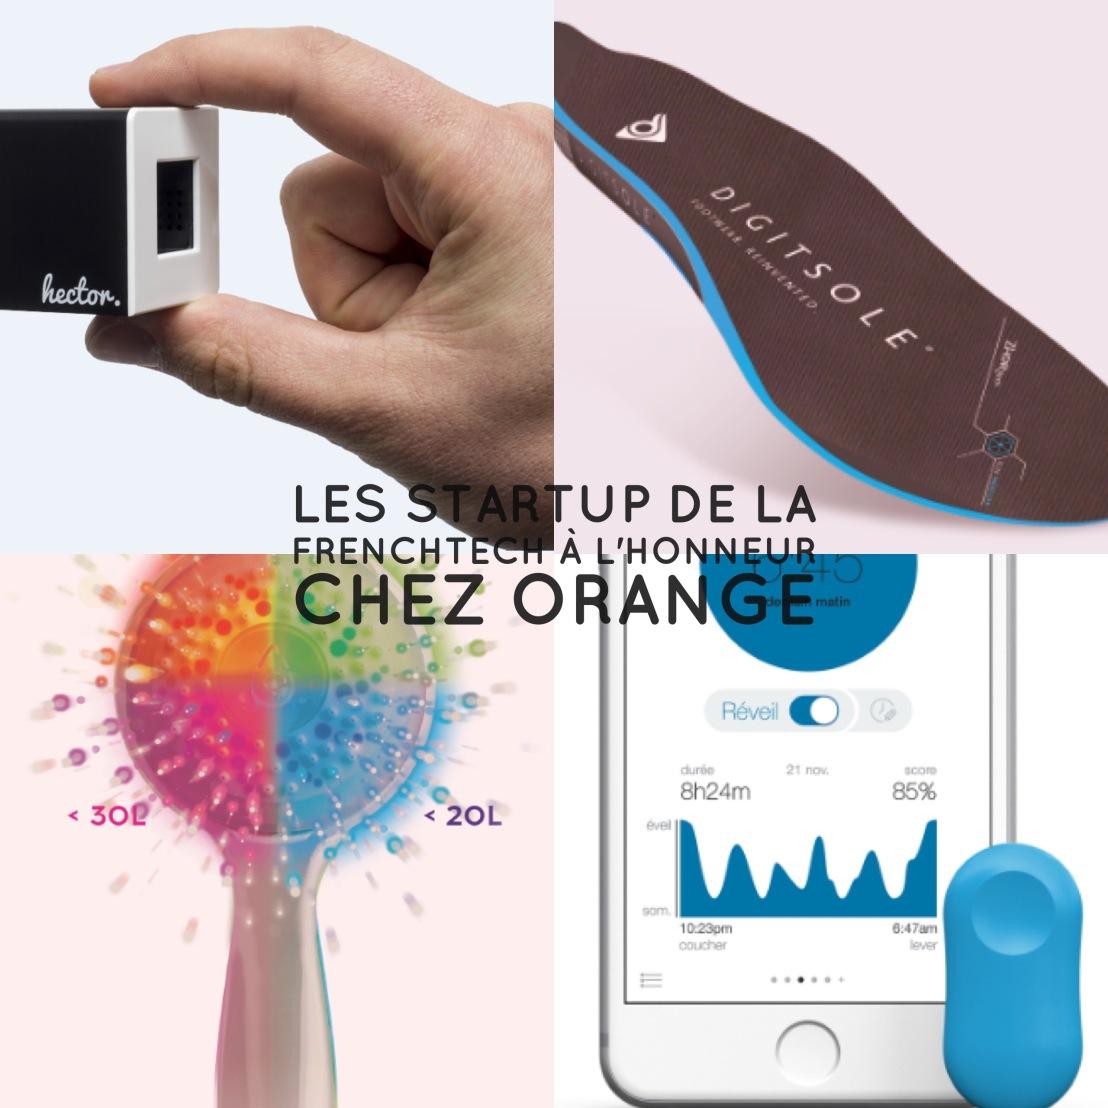 Les startup de la French Tech sont à l'honneur chez Orange!